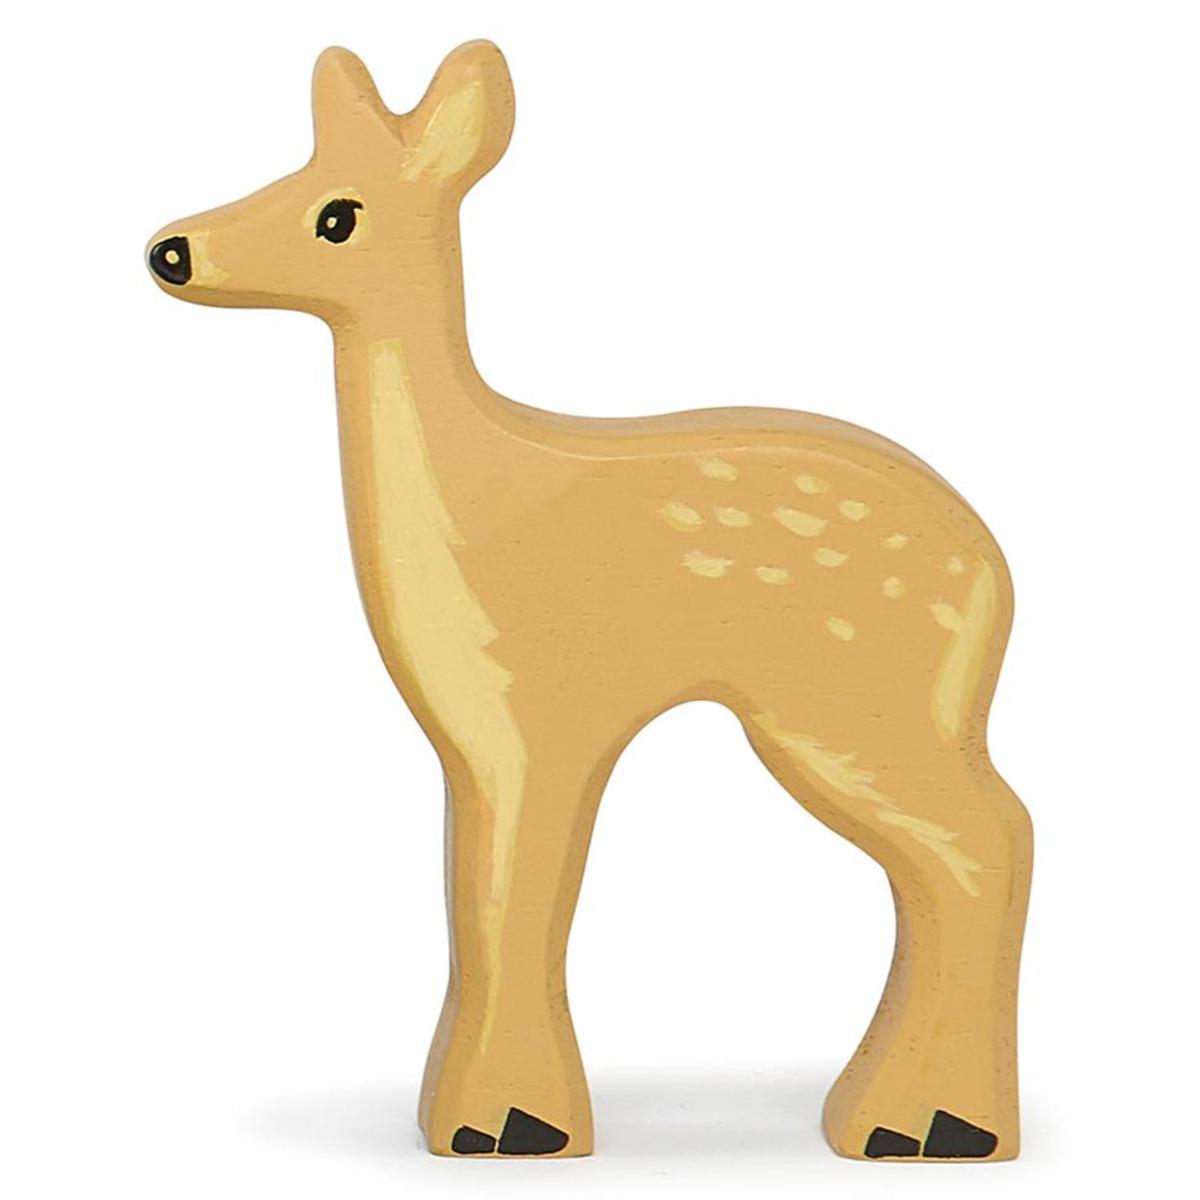 Mes premiers jouets Daim en Bois Tender Leaf Toys - AR202001280065